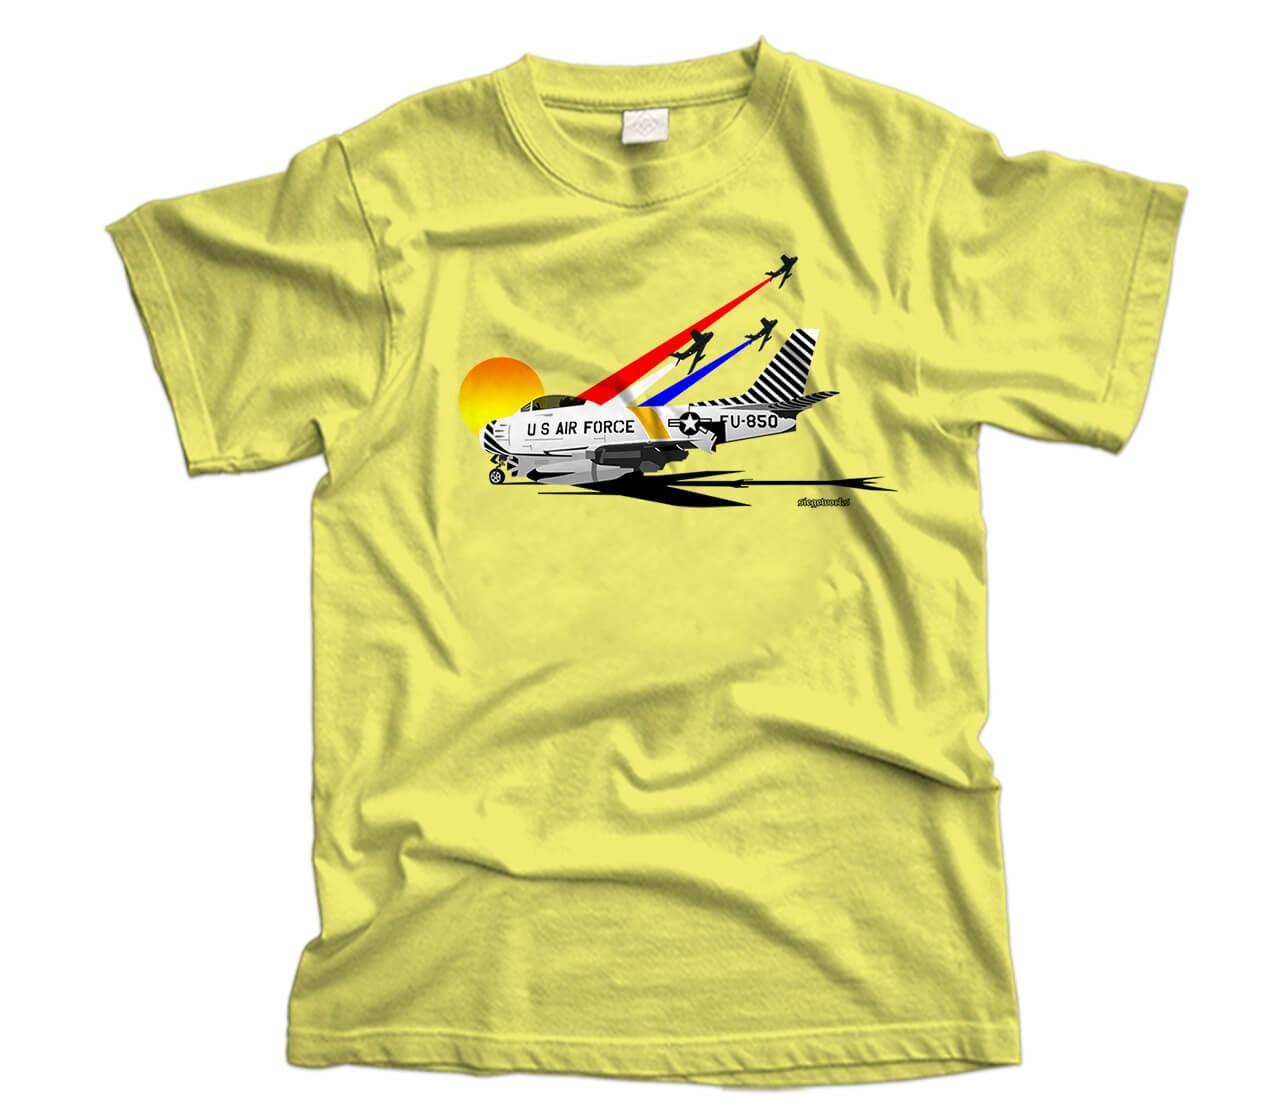 North American F-86 Sabre Aircraft T-Shirt